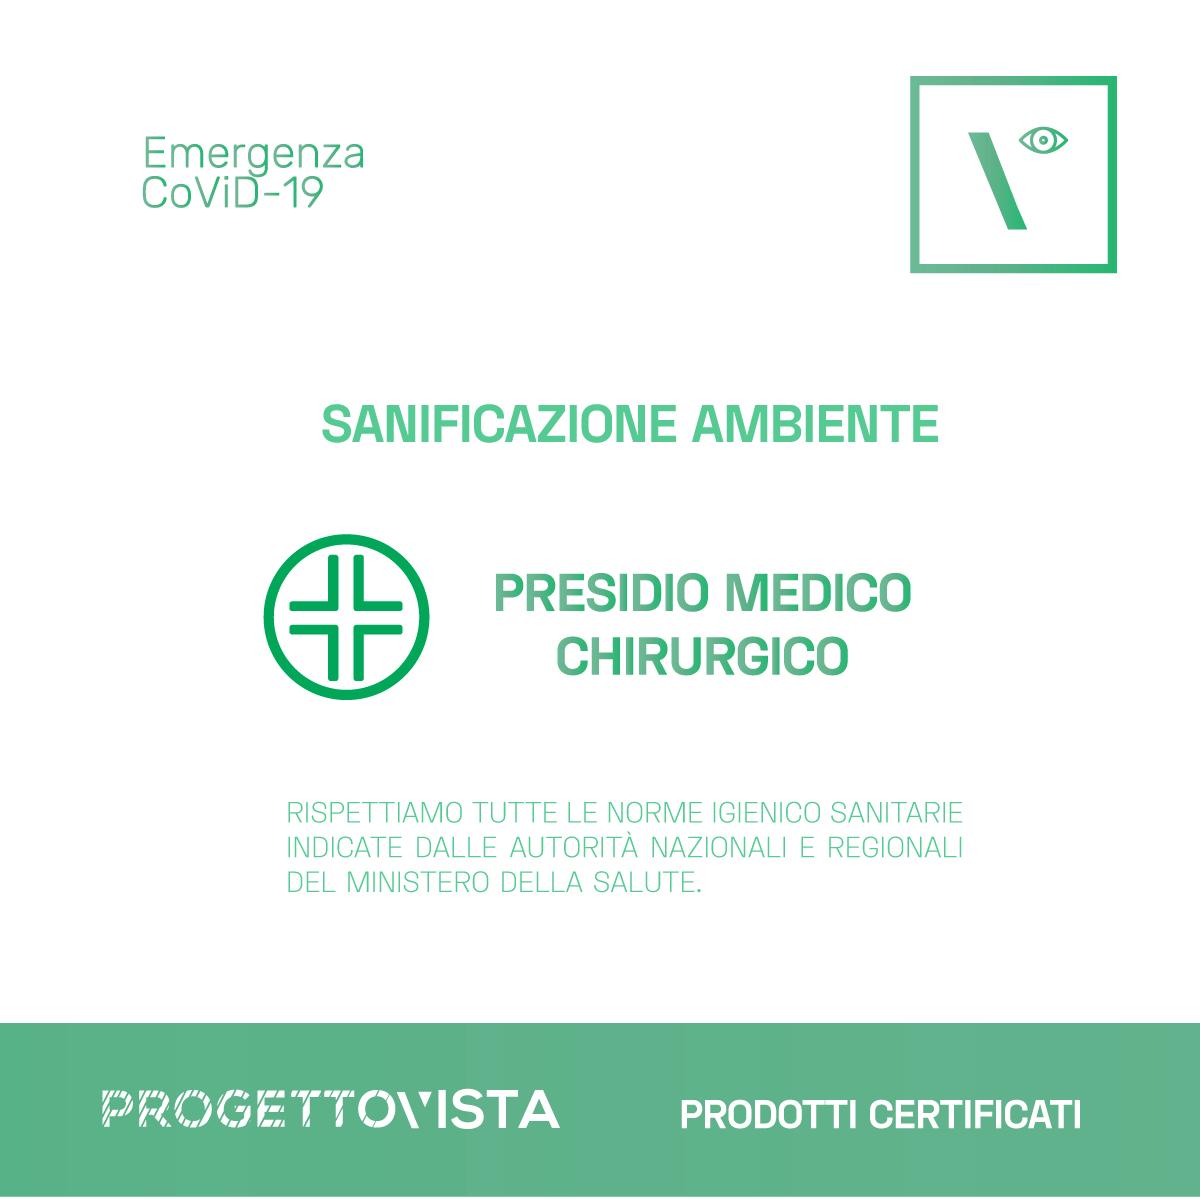 covid 19 Sanificazione ambiente dispositivi certificati progettovista idee per i tuoi occhi